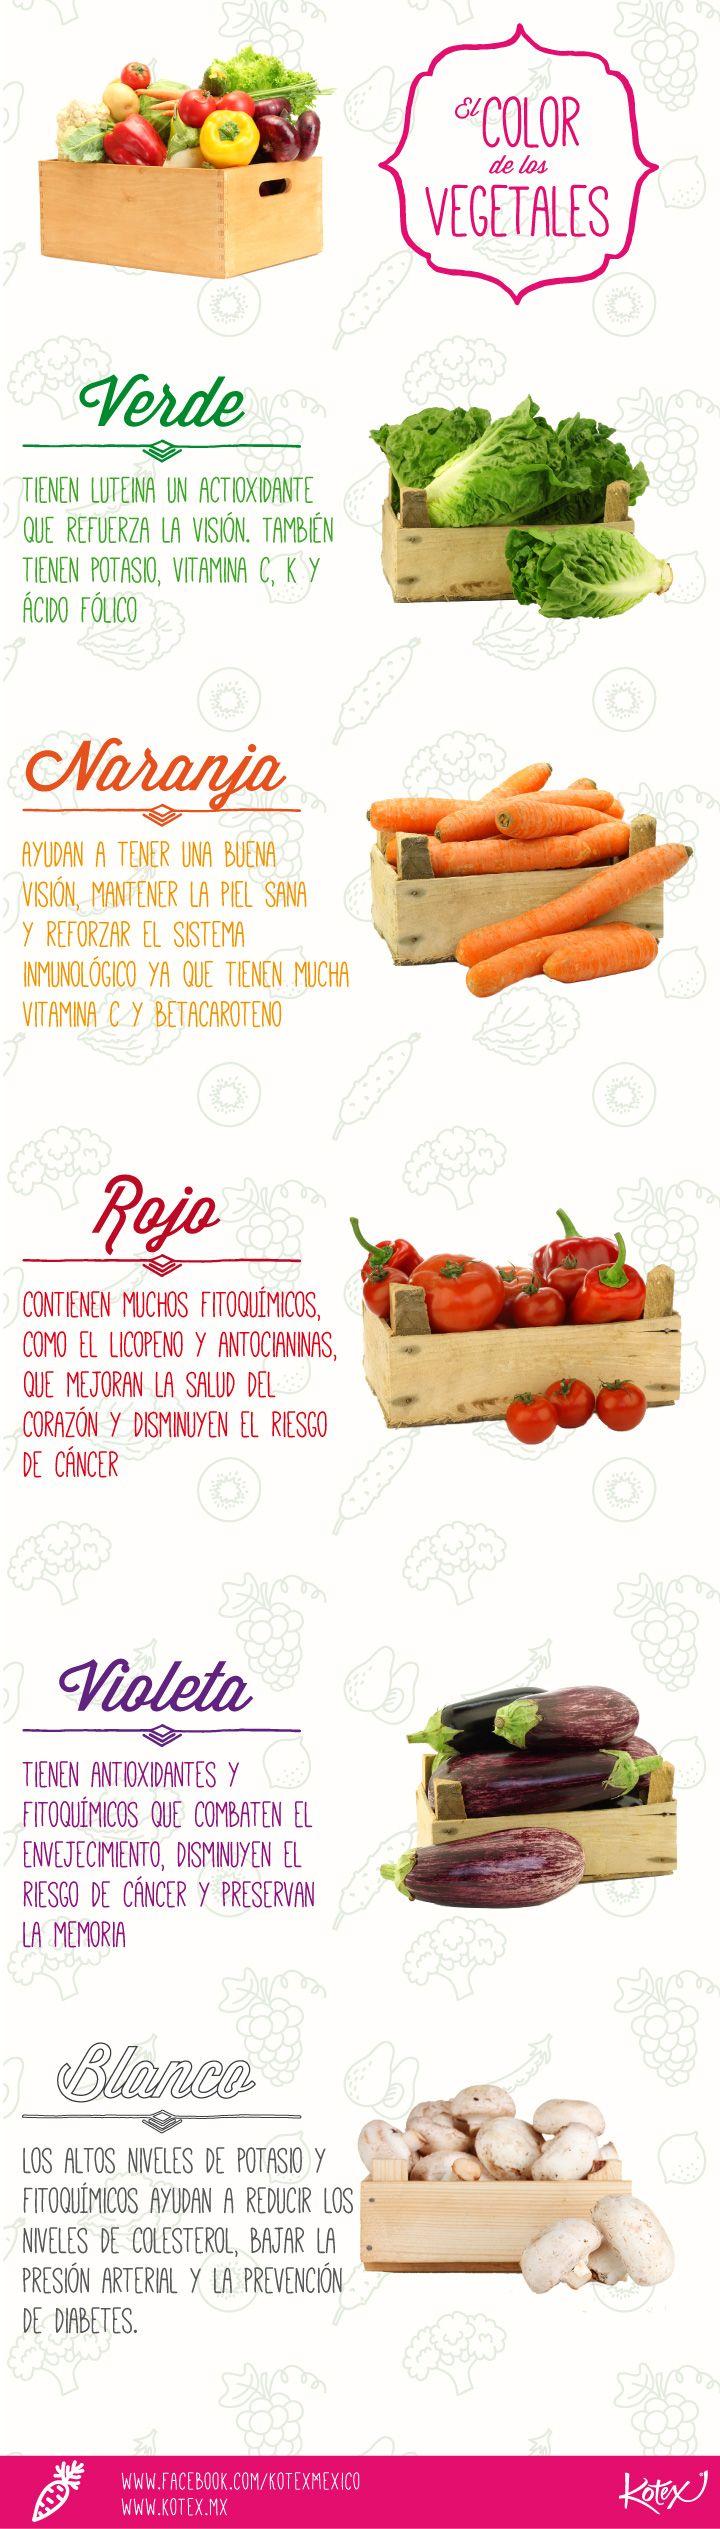 Descubre los beneficios de los vegetales. #infografia #nutricion #salud #health